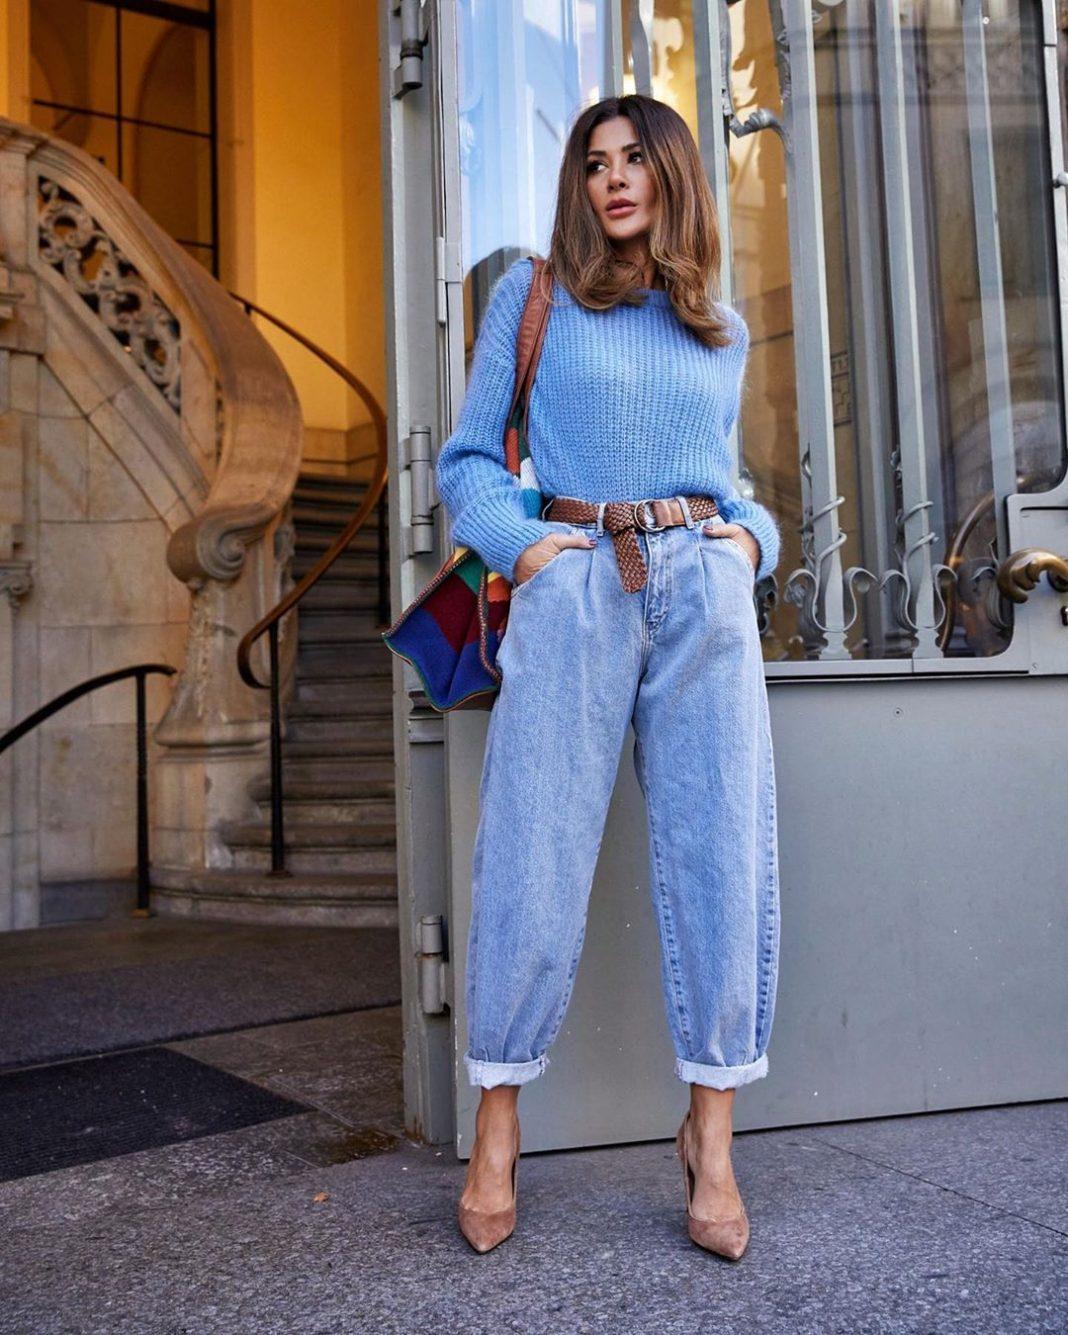 Какие джинсы и брюки уже не актуальны в новом сезоне, а на какие стоит обратить внимание